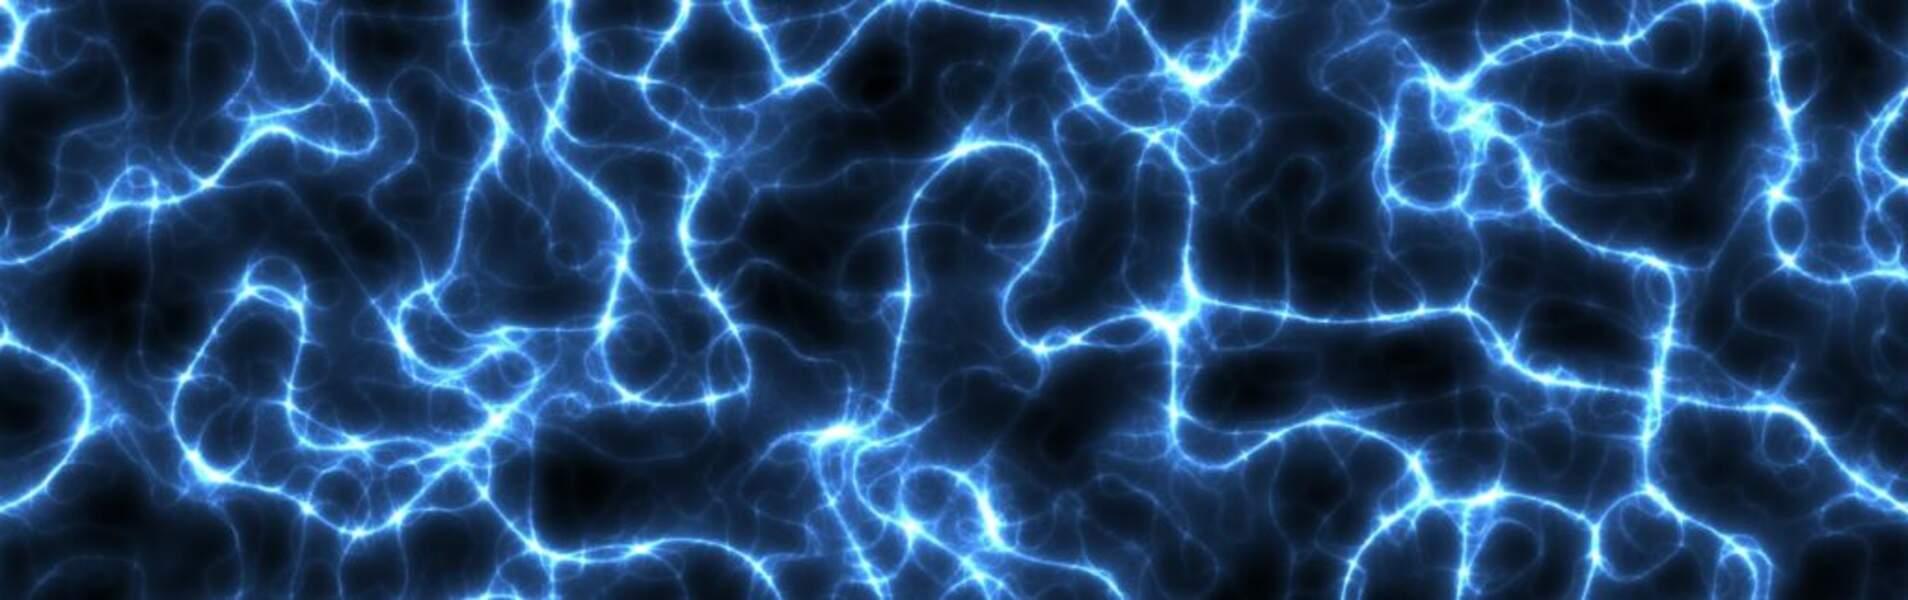 Les électrochocs sont une méthode d'un autre âge